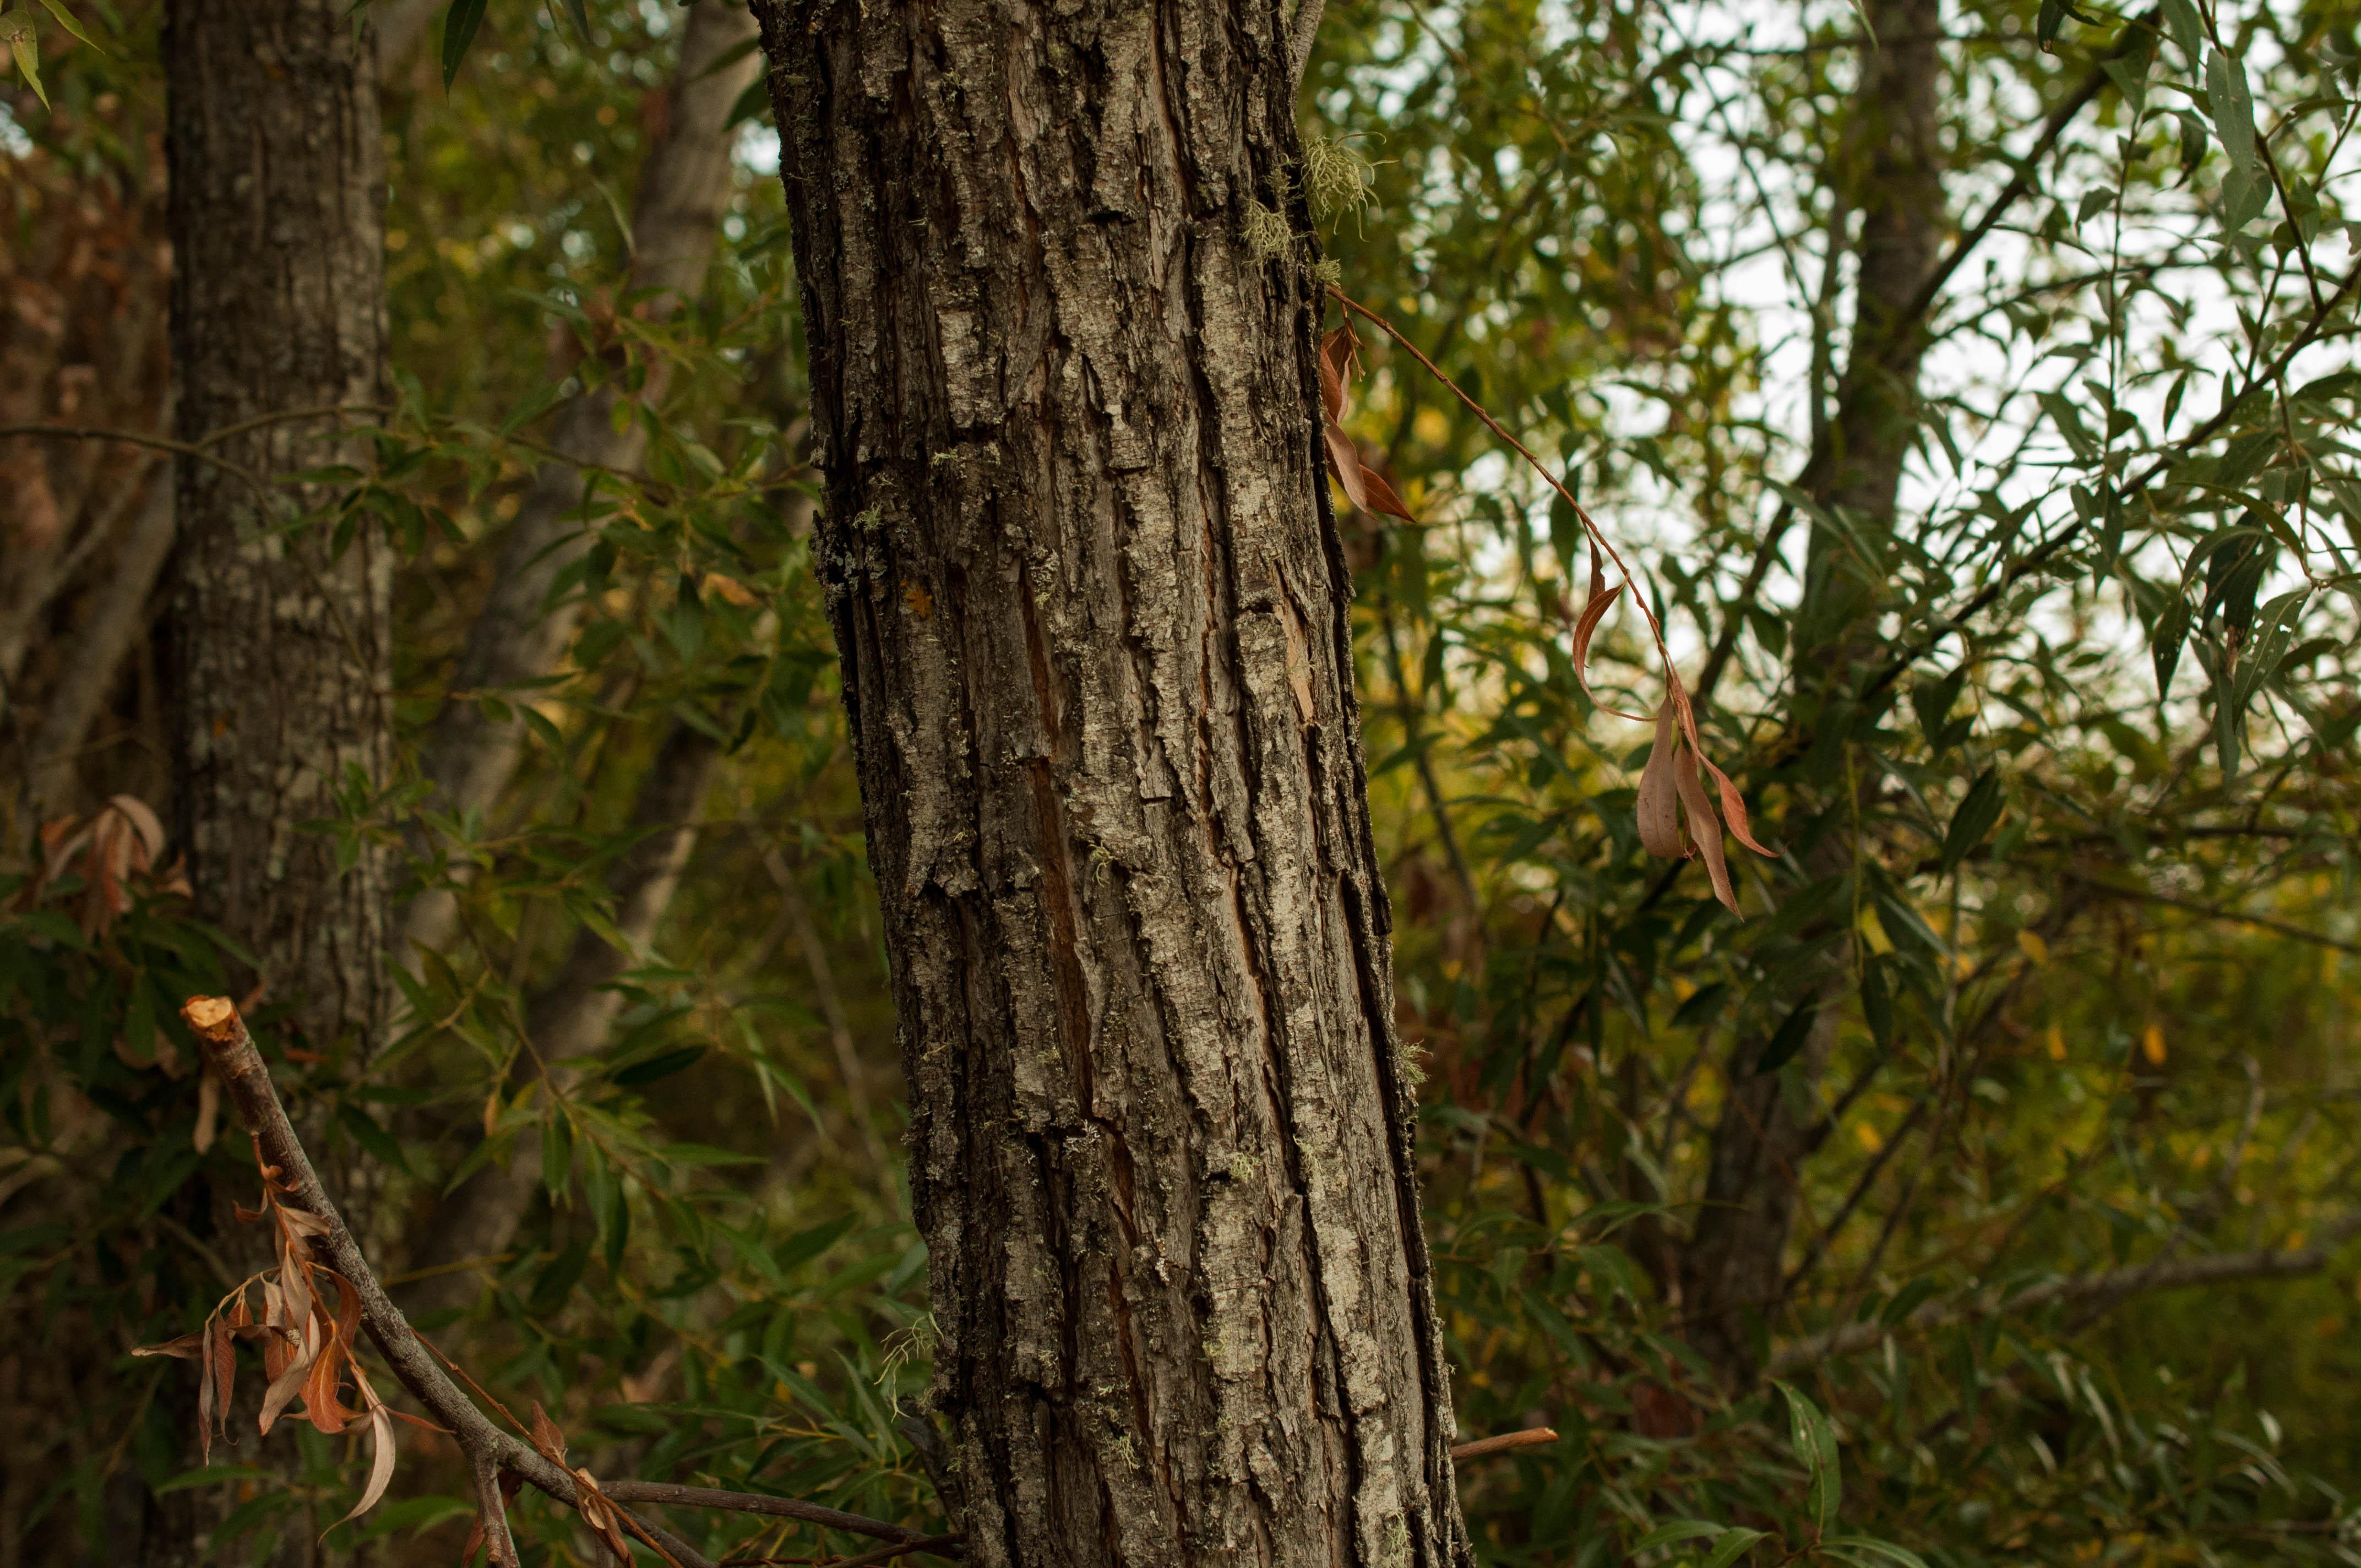 Salix Mimbrera Las Obreras de Aliste